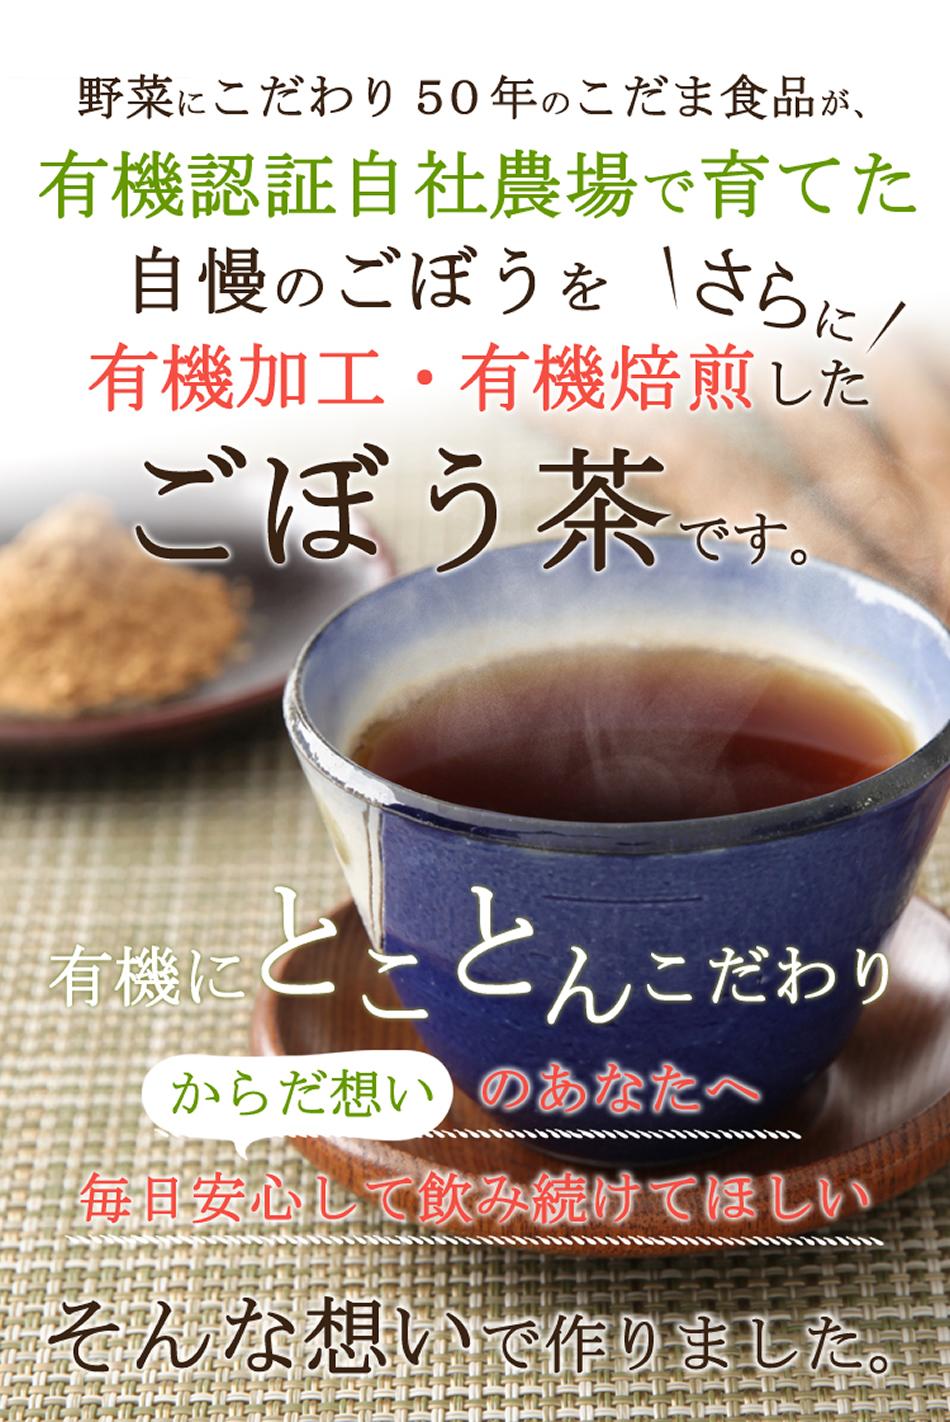 恵巡美茶とは